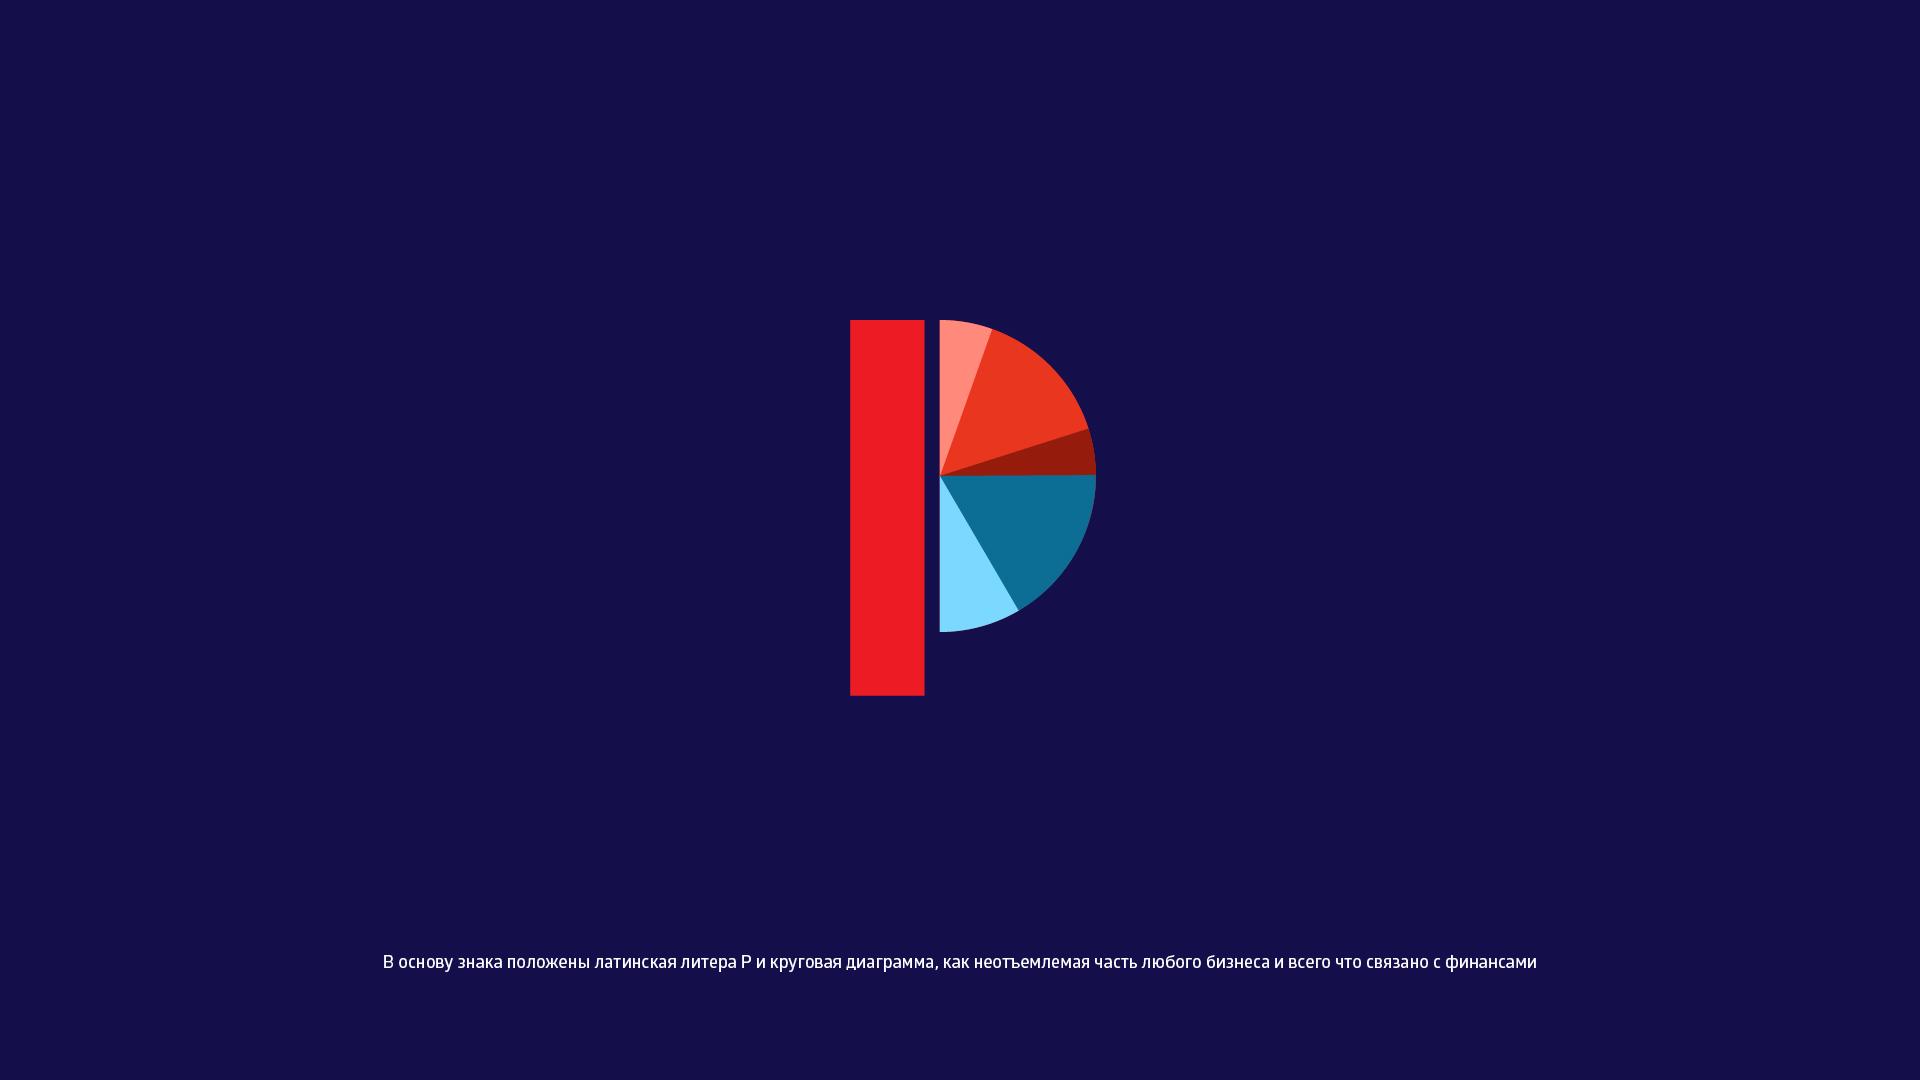 Создать логотип для YouTube канала  фото f_8875c0ab59743727.jpg